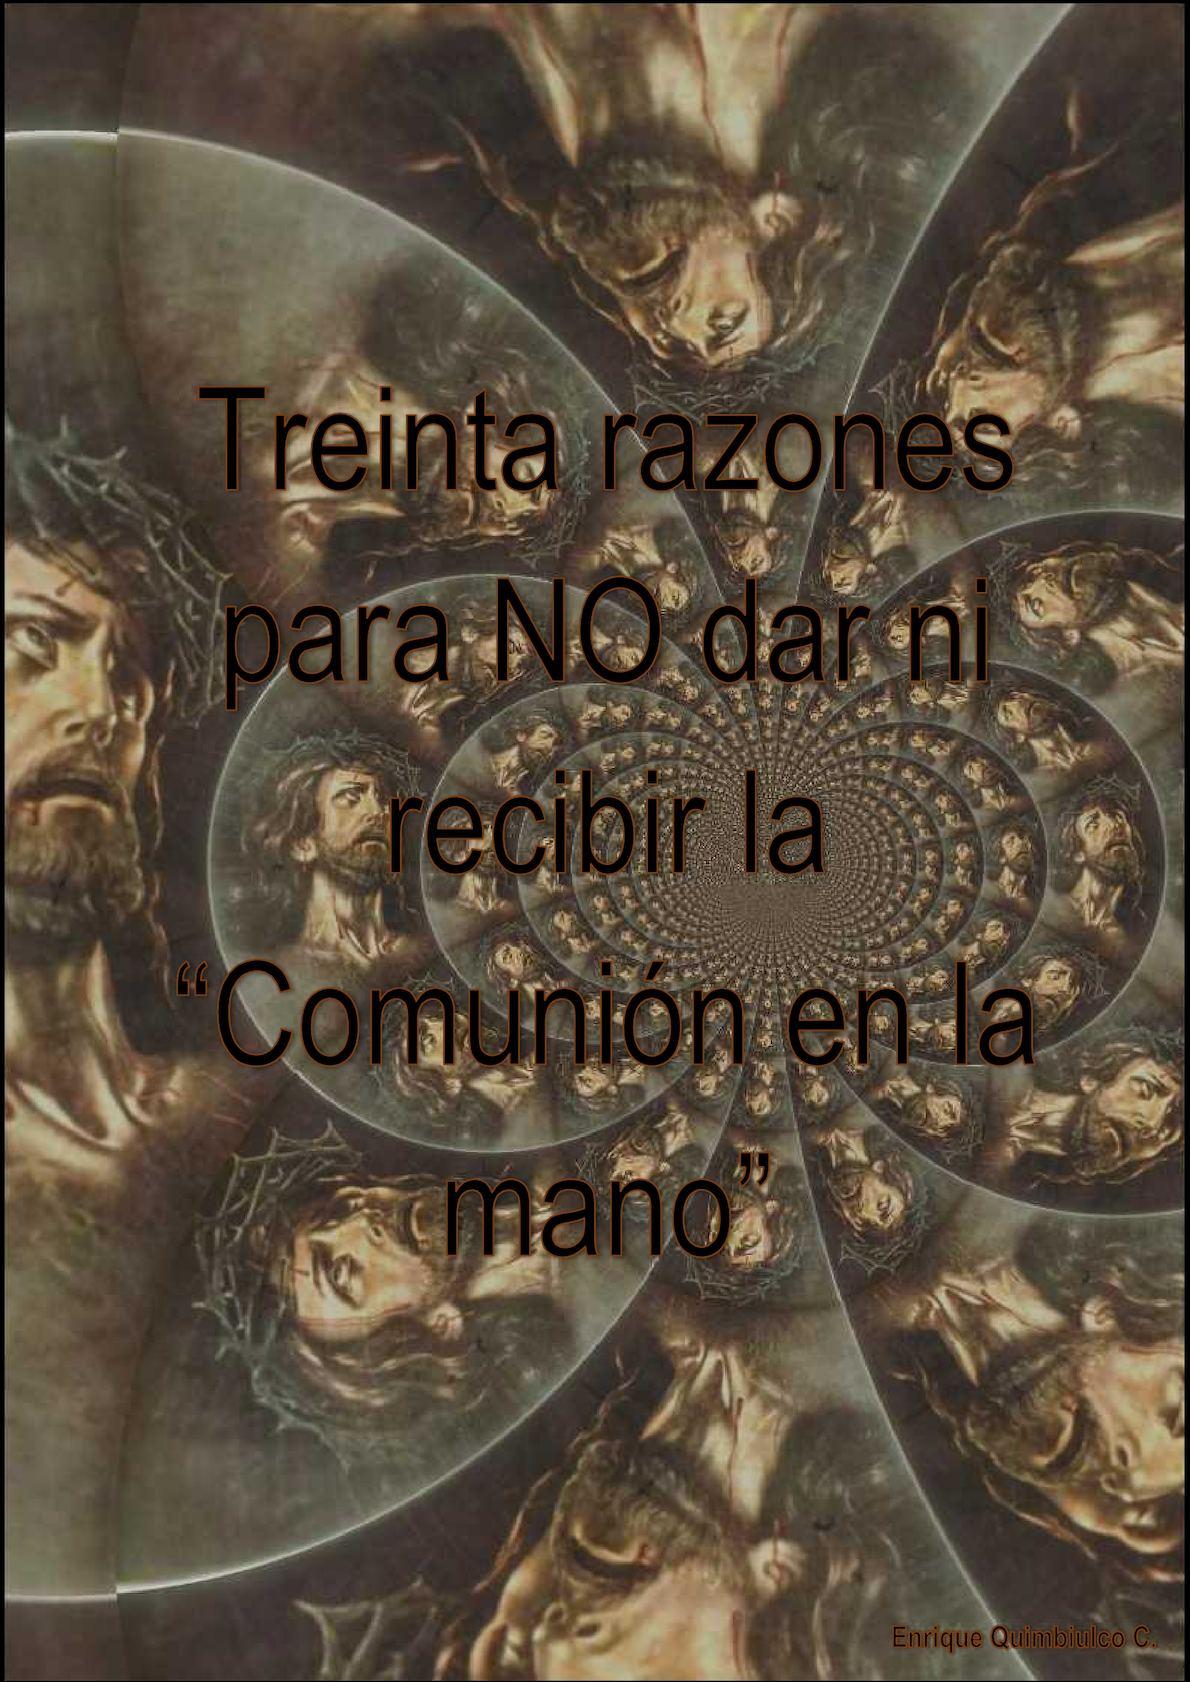 Calaméo - Razones para NO dar ni recibir la comunión en la mano